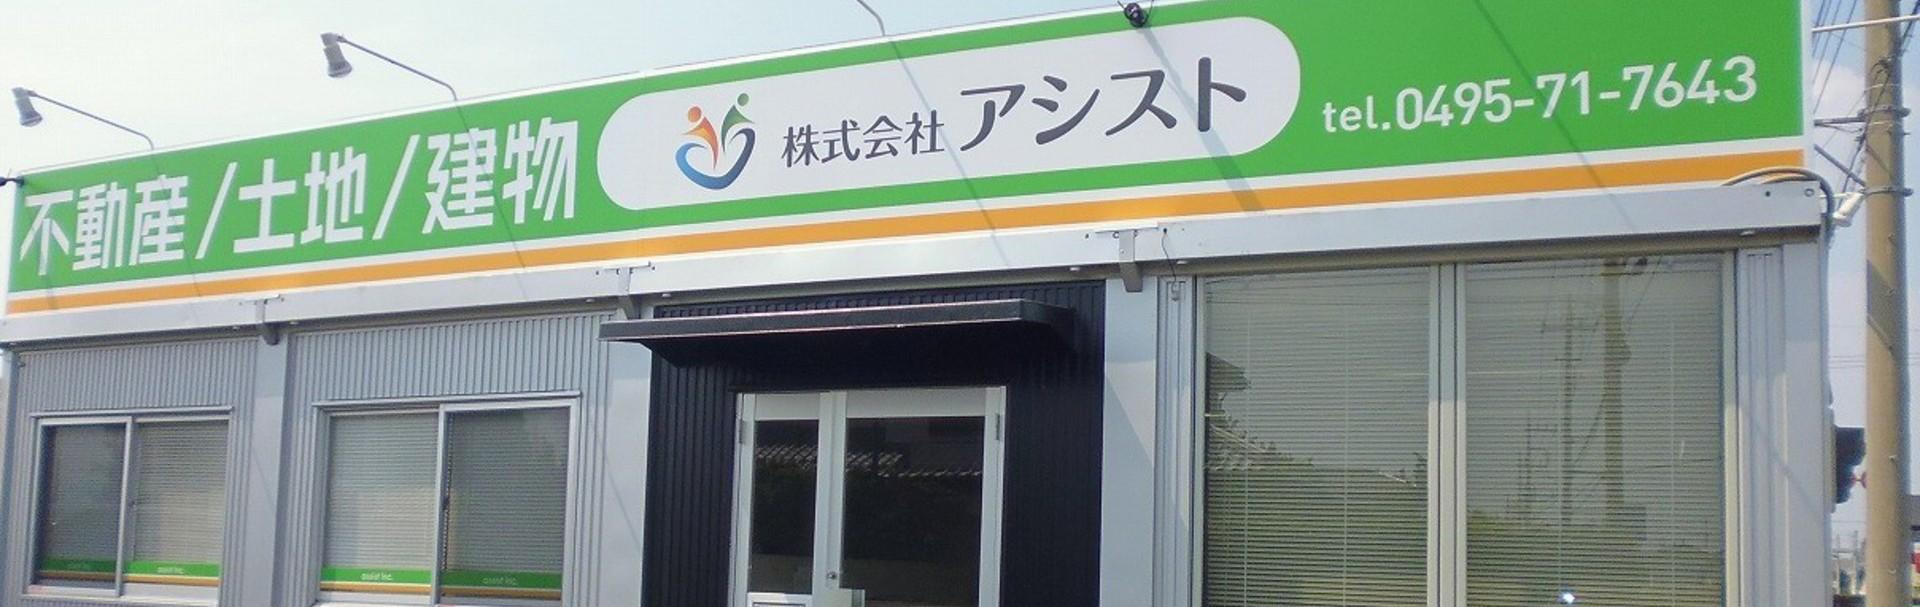 会社 アシスト 株式